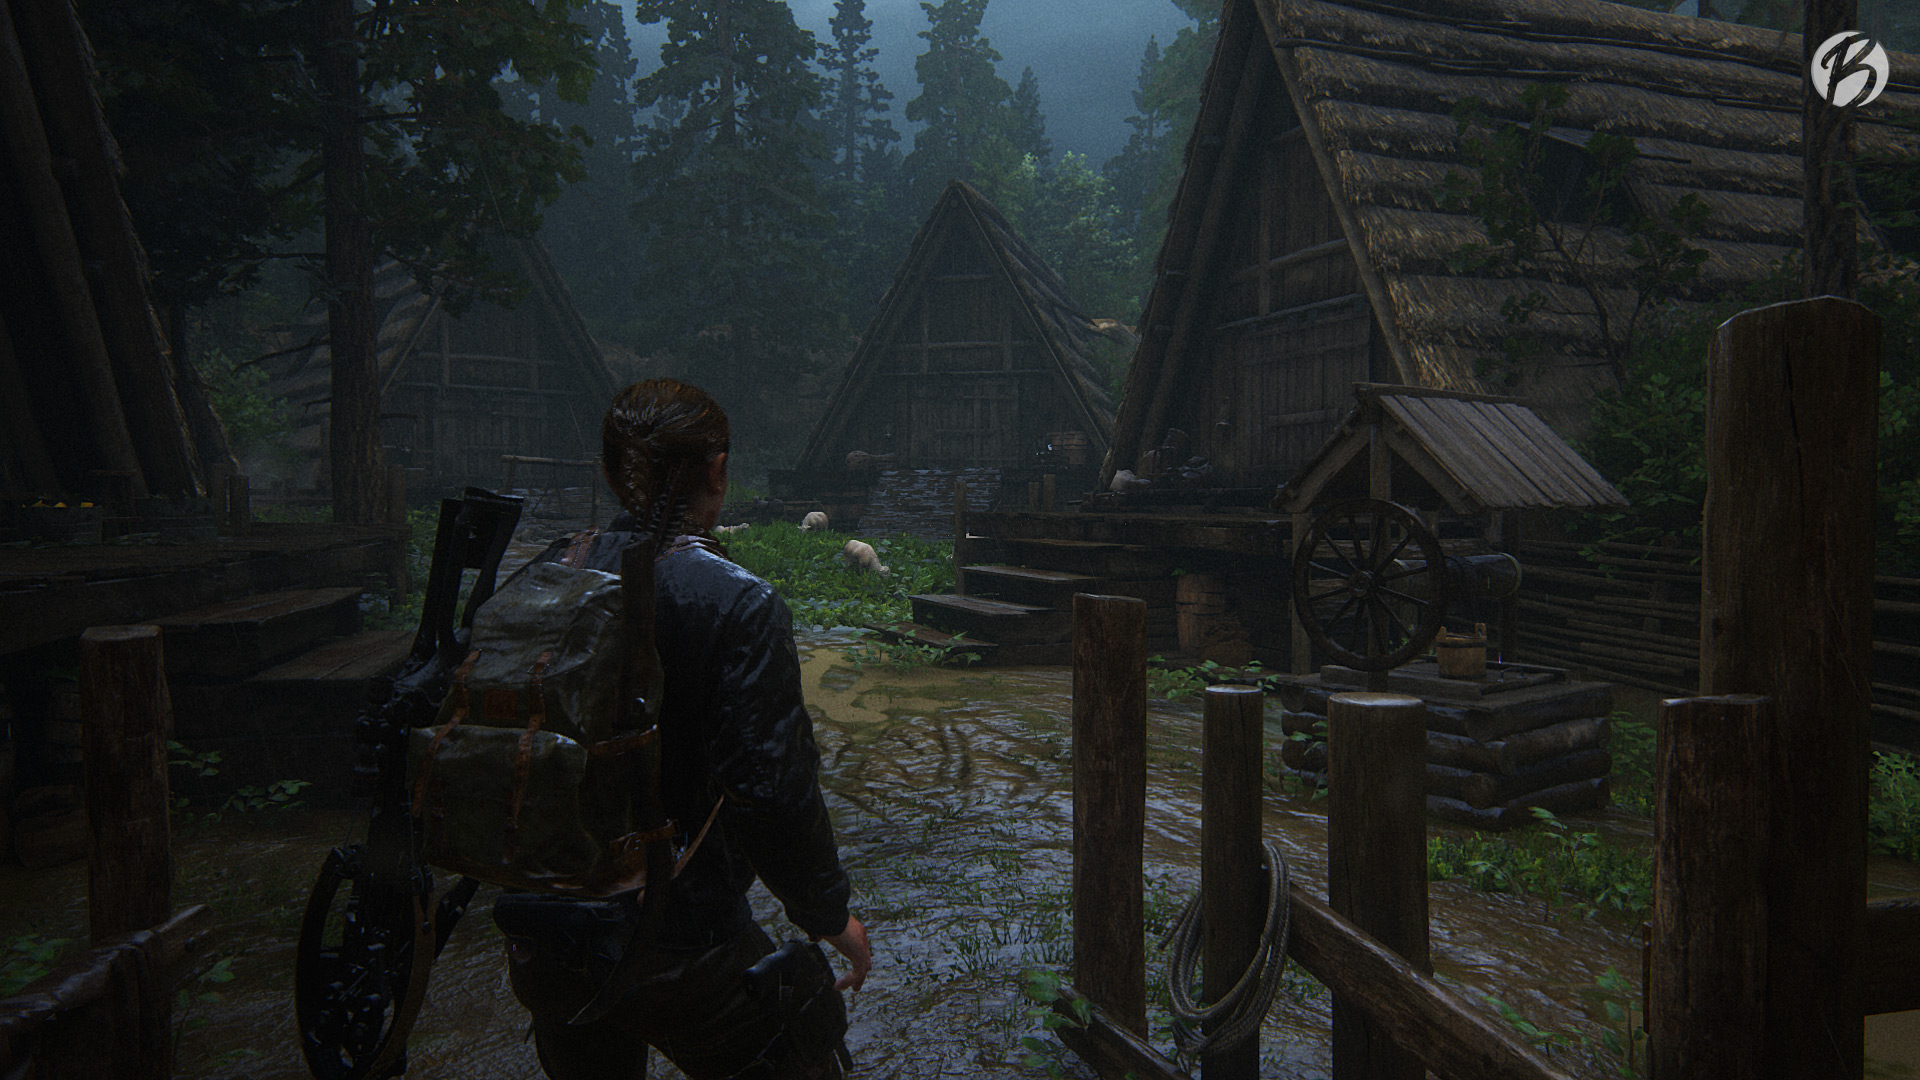 Die Seraphiten wohnen in altertümlichen Holzhäusern.